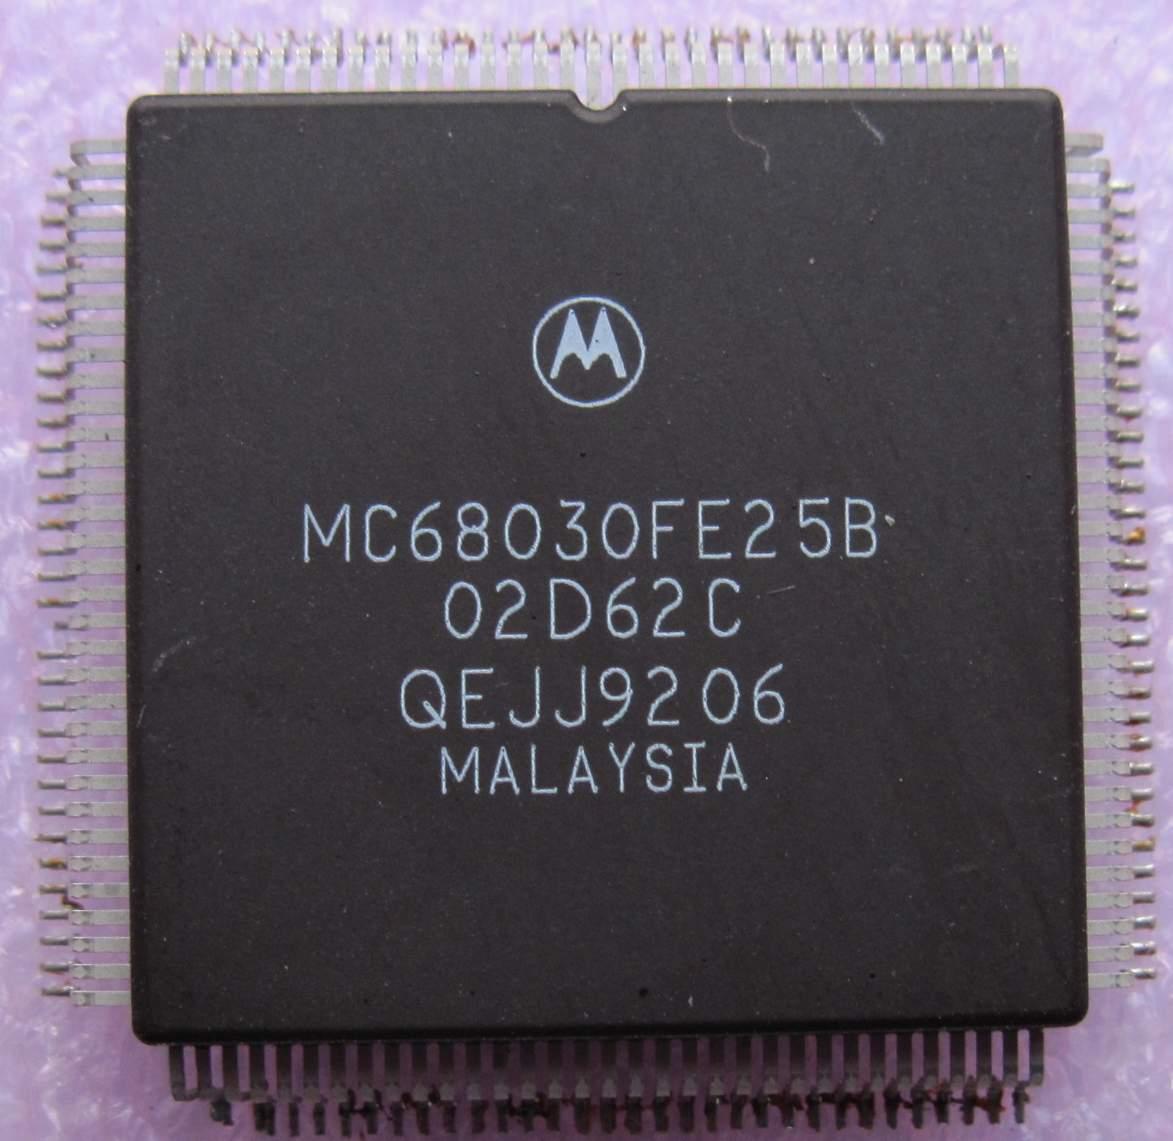 MC68030FE25B.jpg